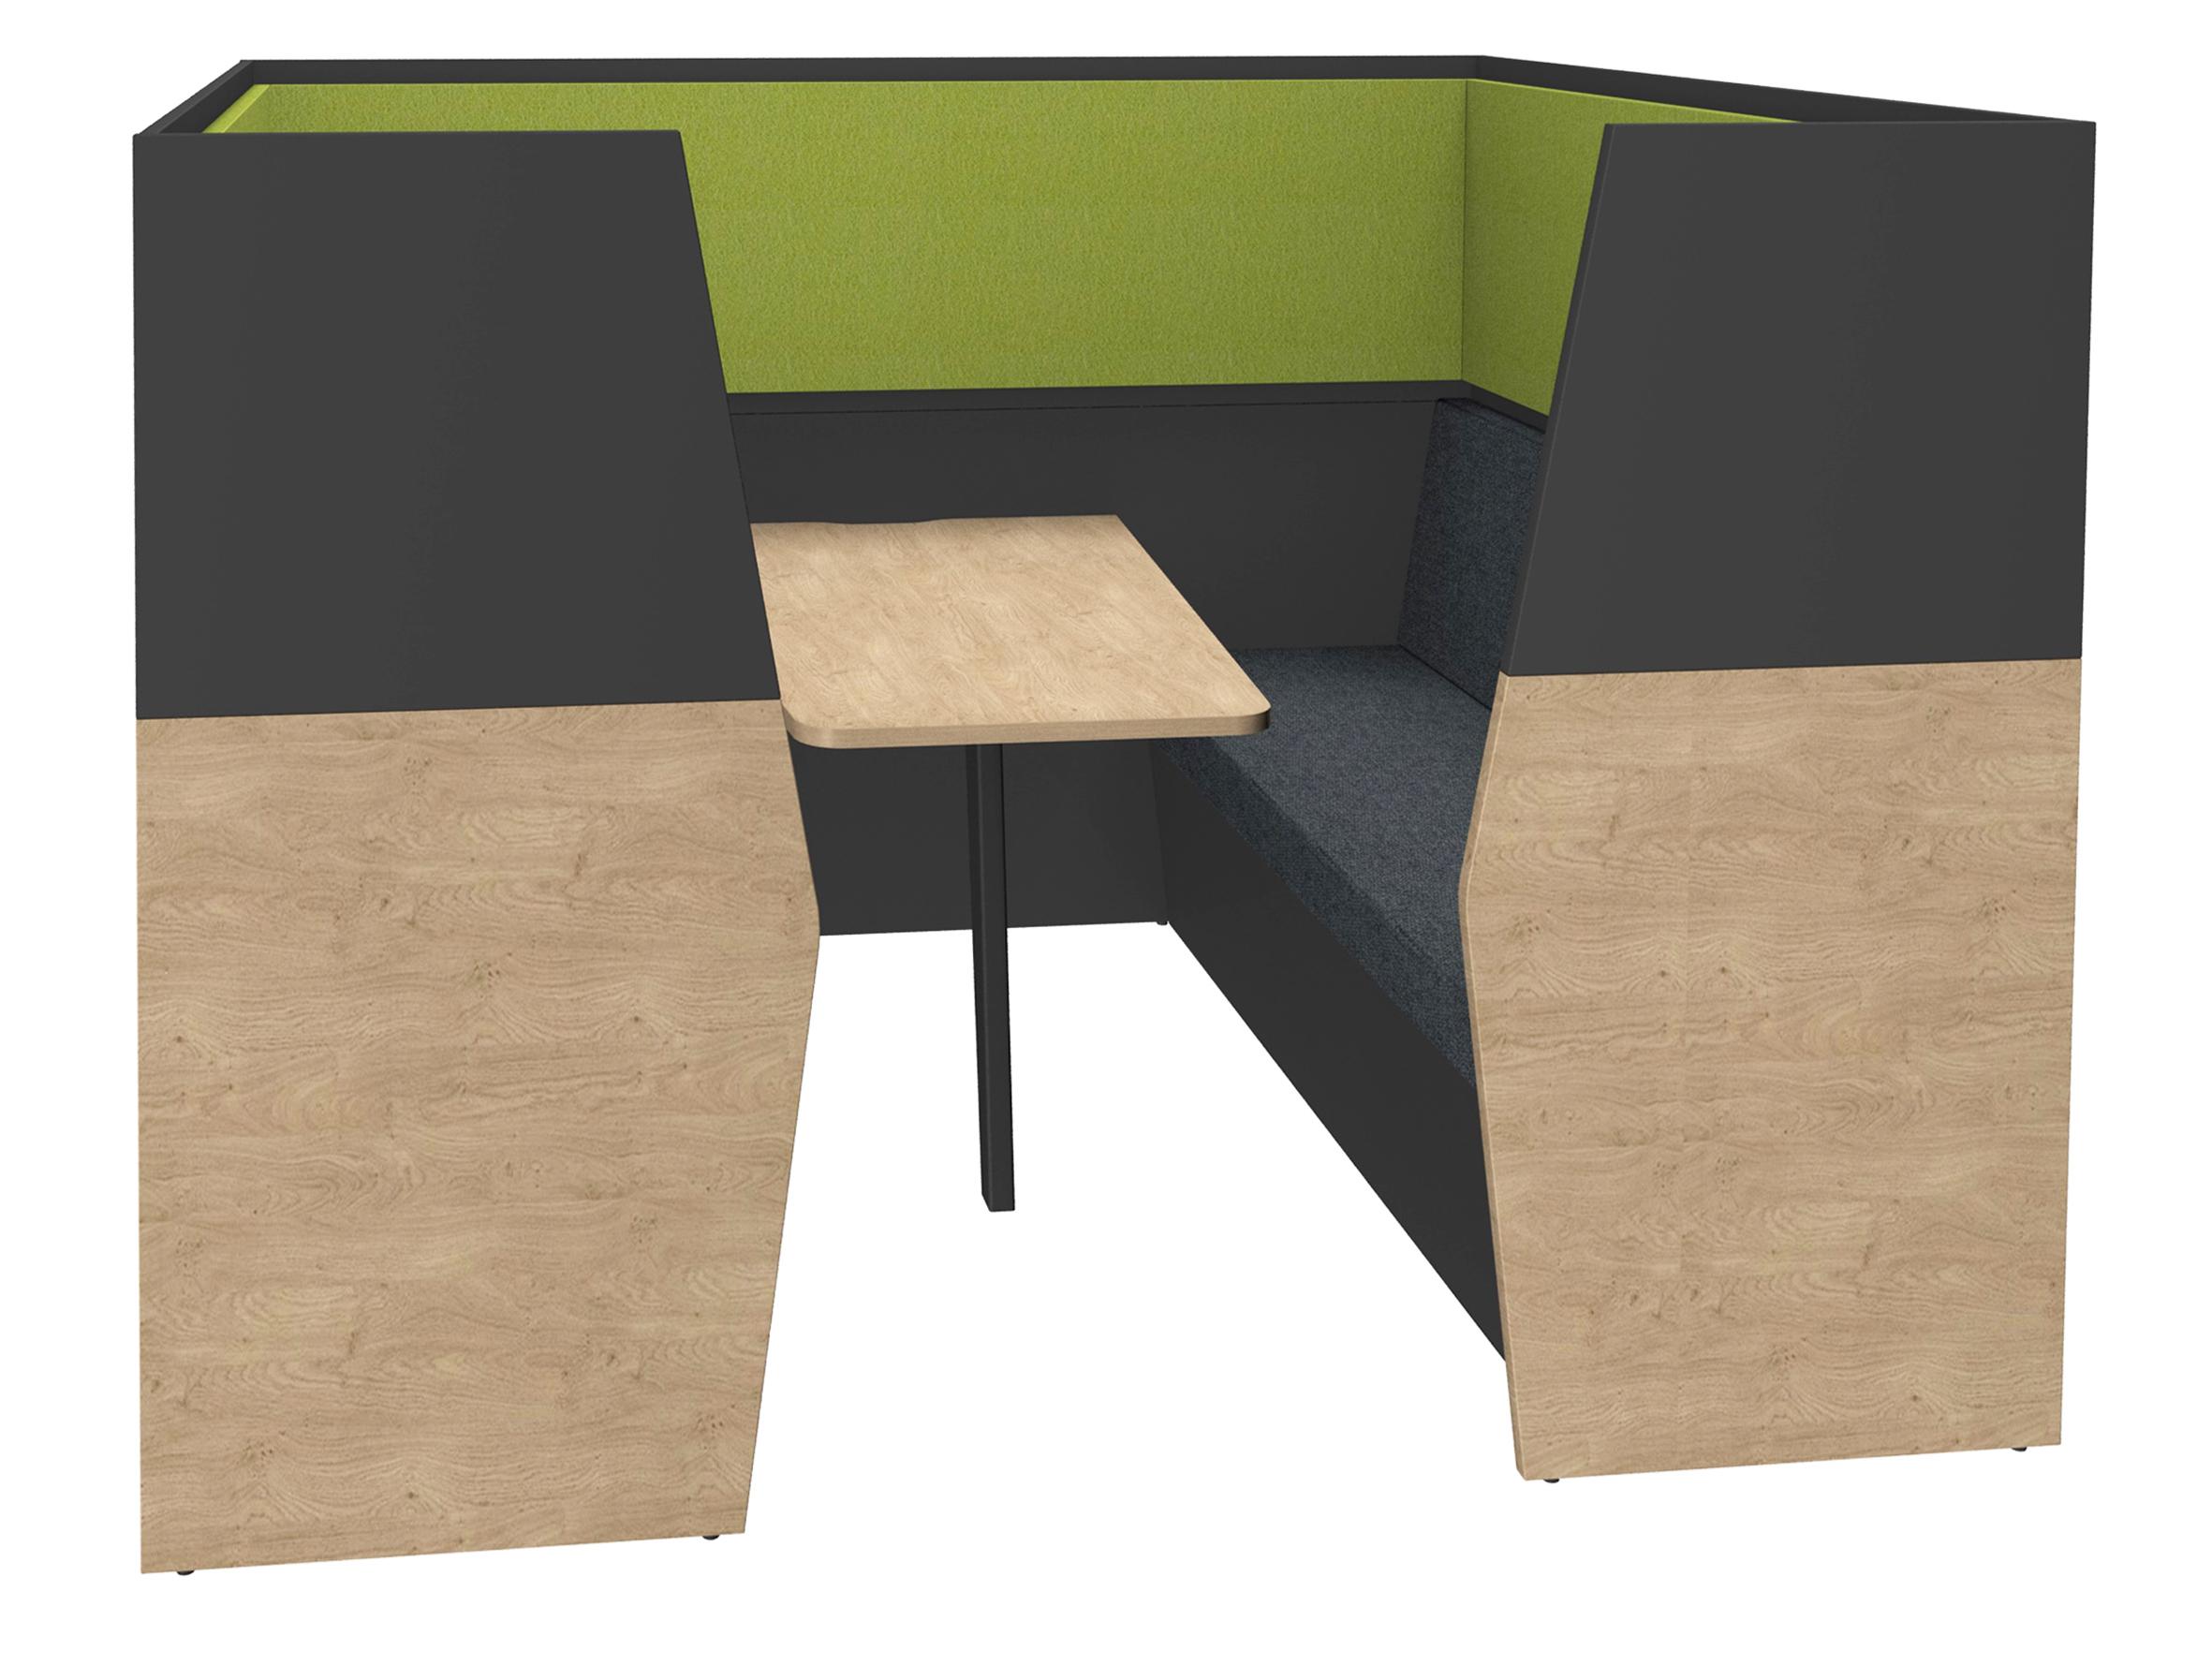 Box acoustique IN'TEAM - L210 x H 150 x P170 cm - 6 places avec table - structure chêne clair et carbone - panneaux vert chartreux